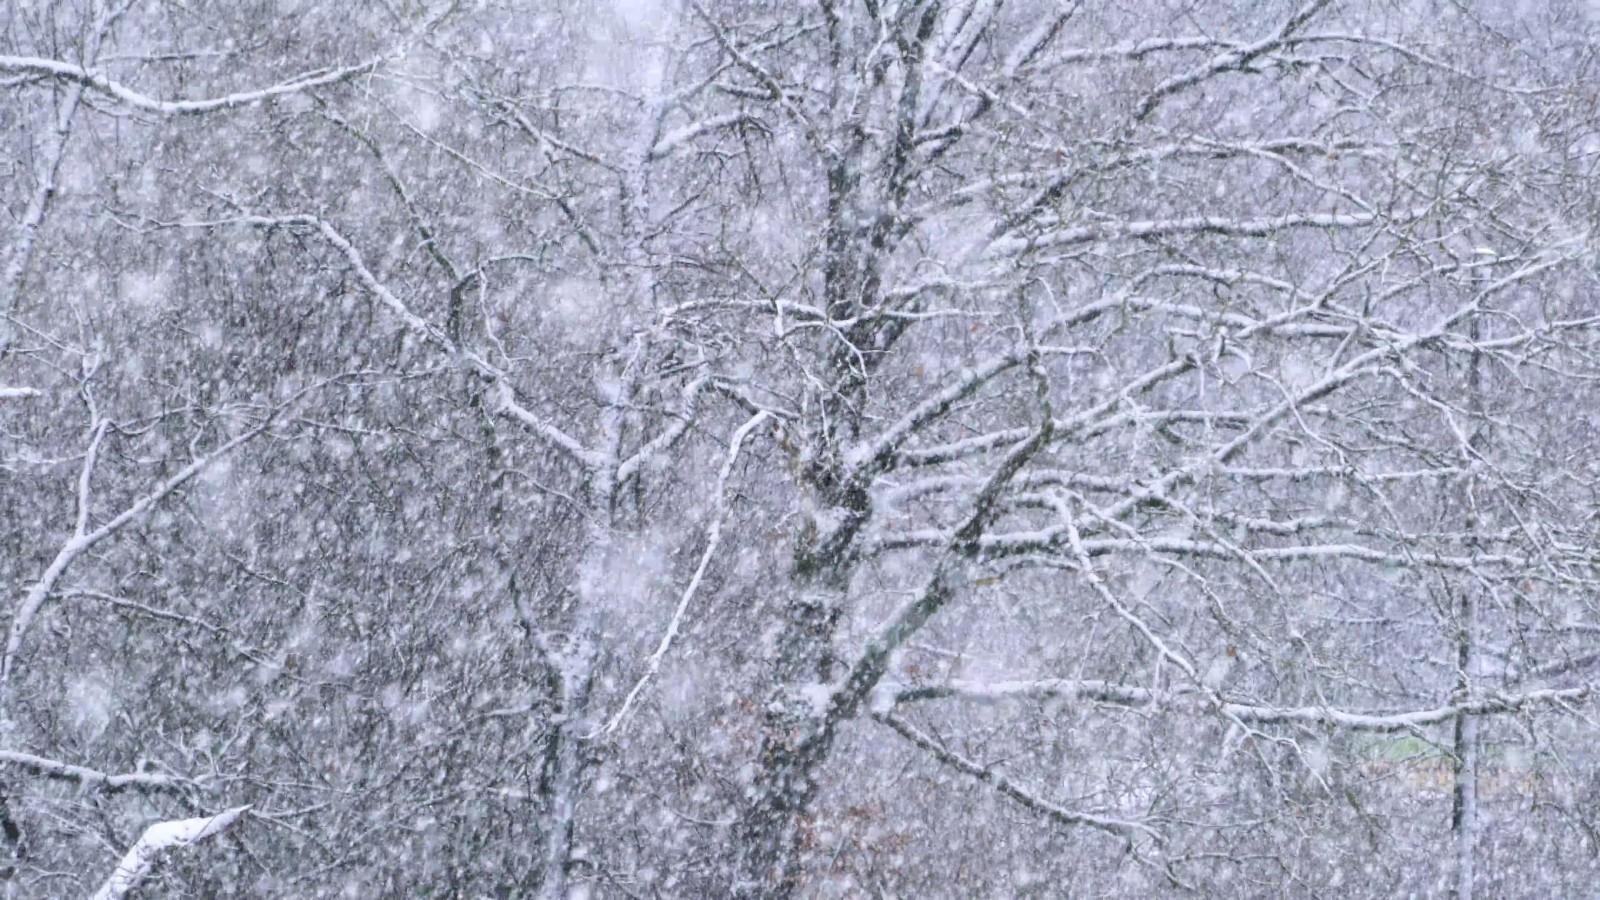 大雪纷飞浪漫场景-高清实拍-92素材网_ae模板,视频